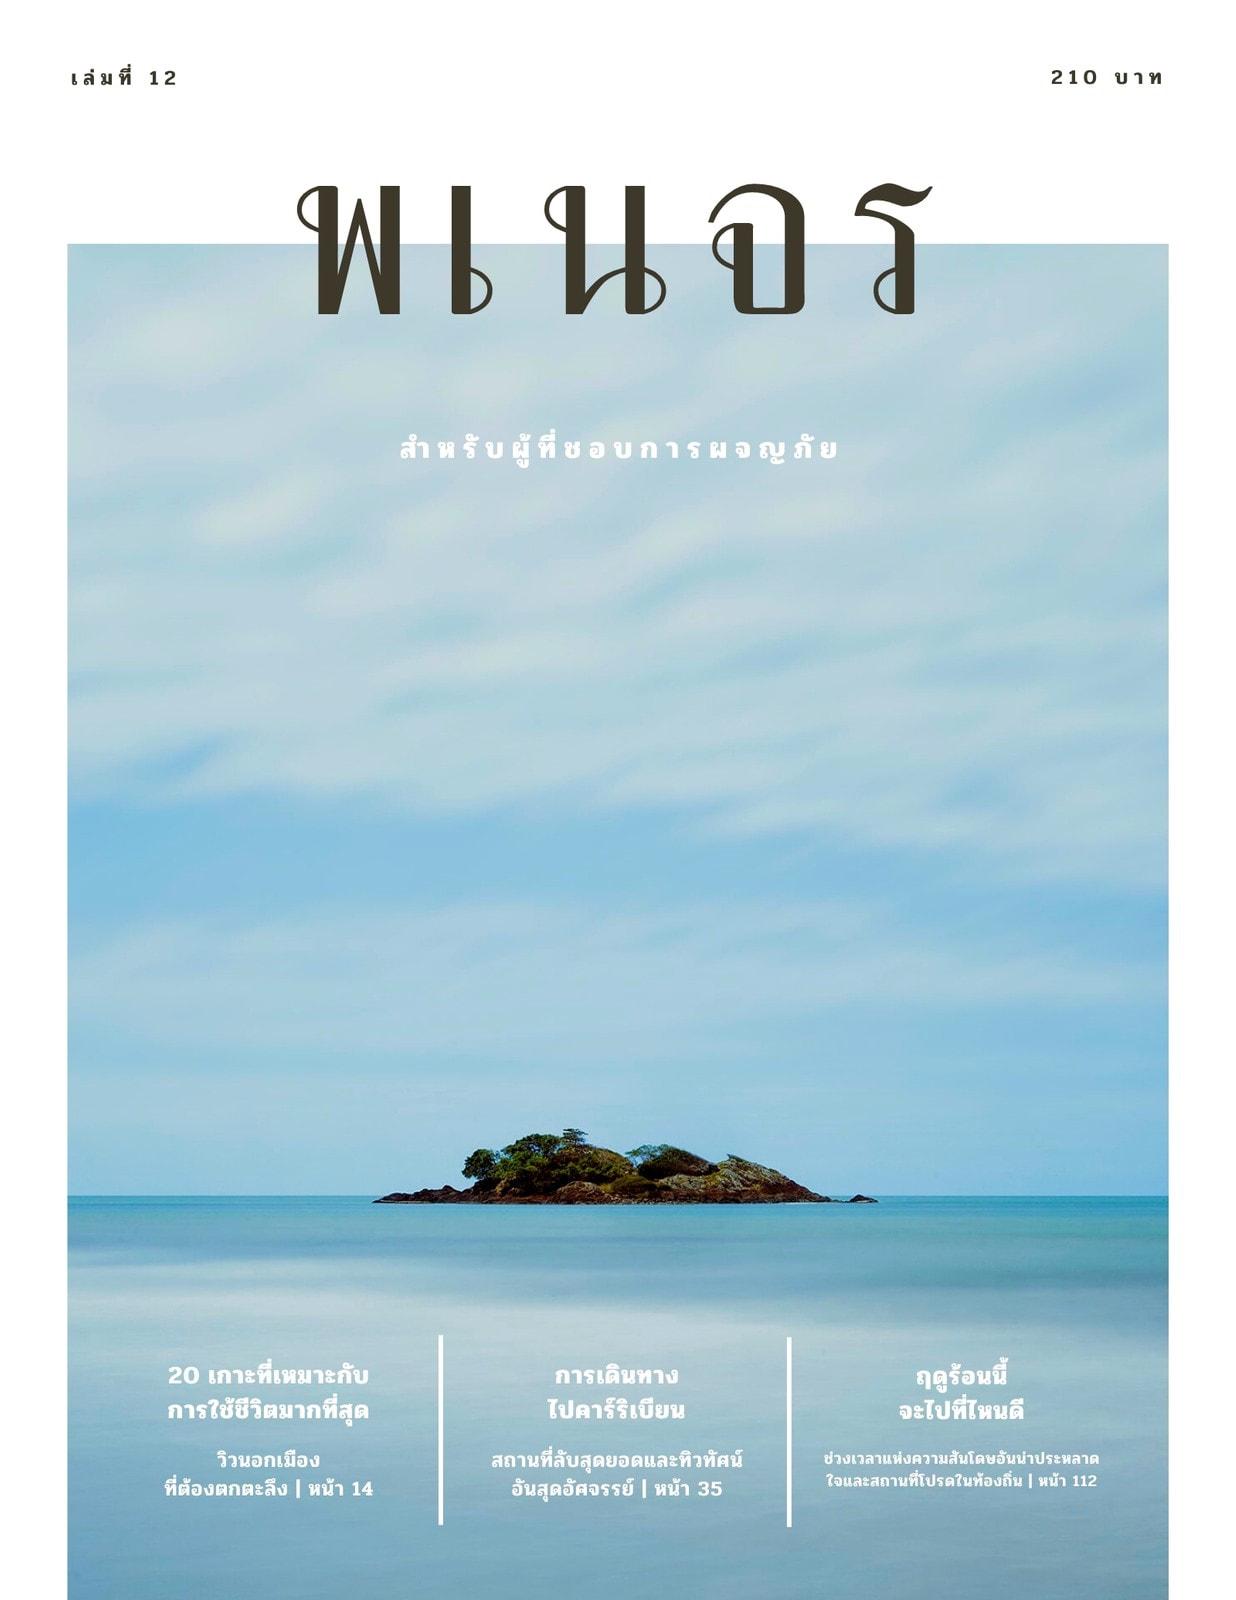 นิตยสารการท่องเที่ยว เกาะ ไม่มีจุดหมาย